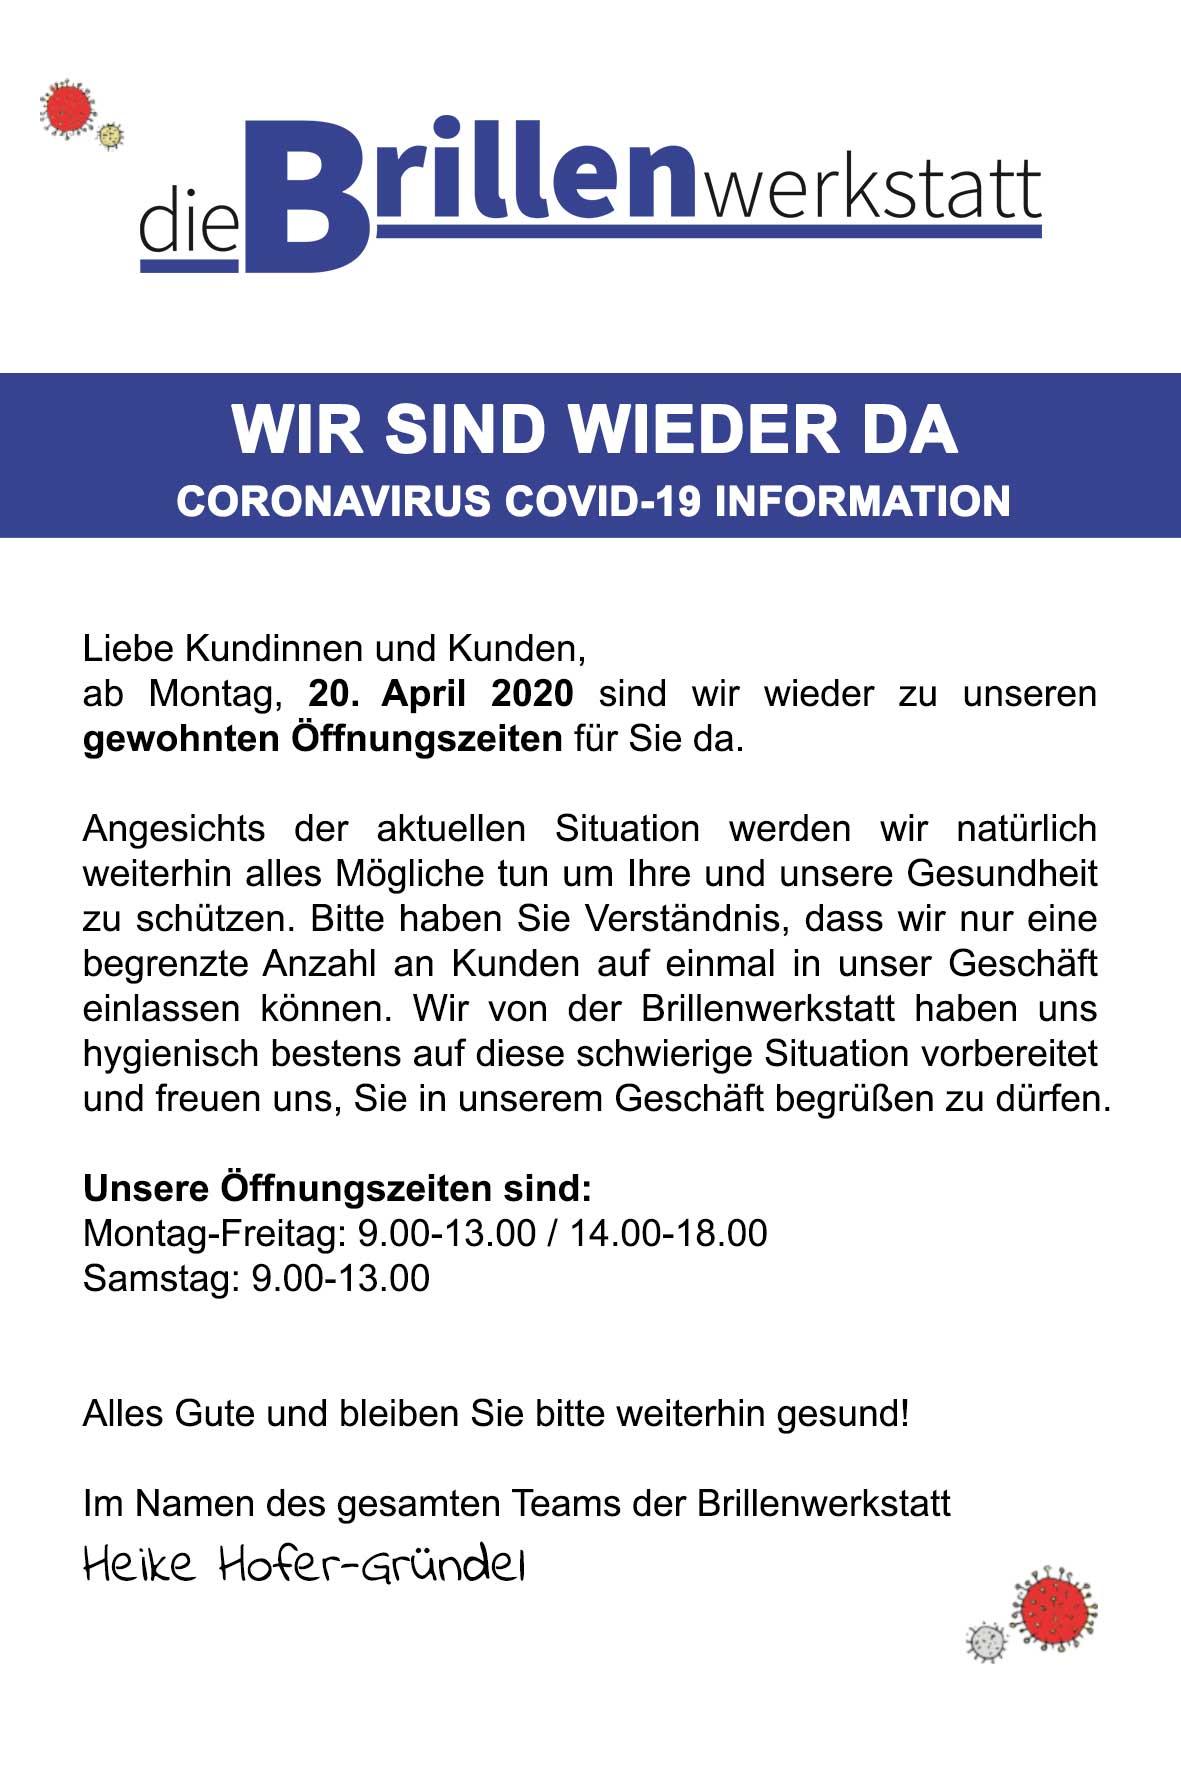 corona-information-wiederda-homepage-brillenwerkstatt2